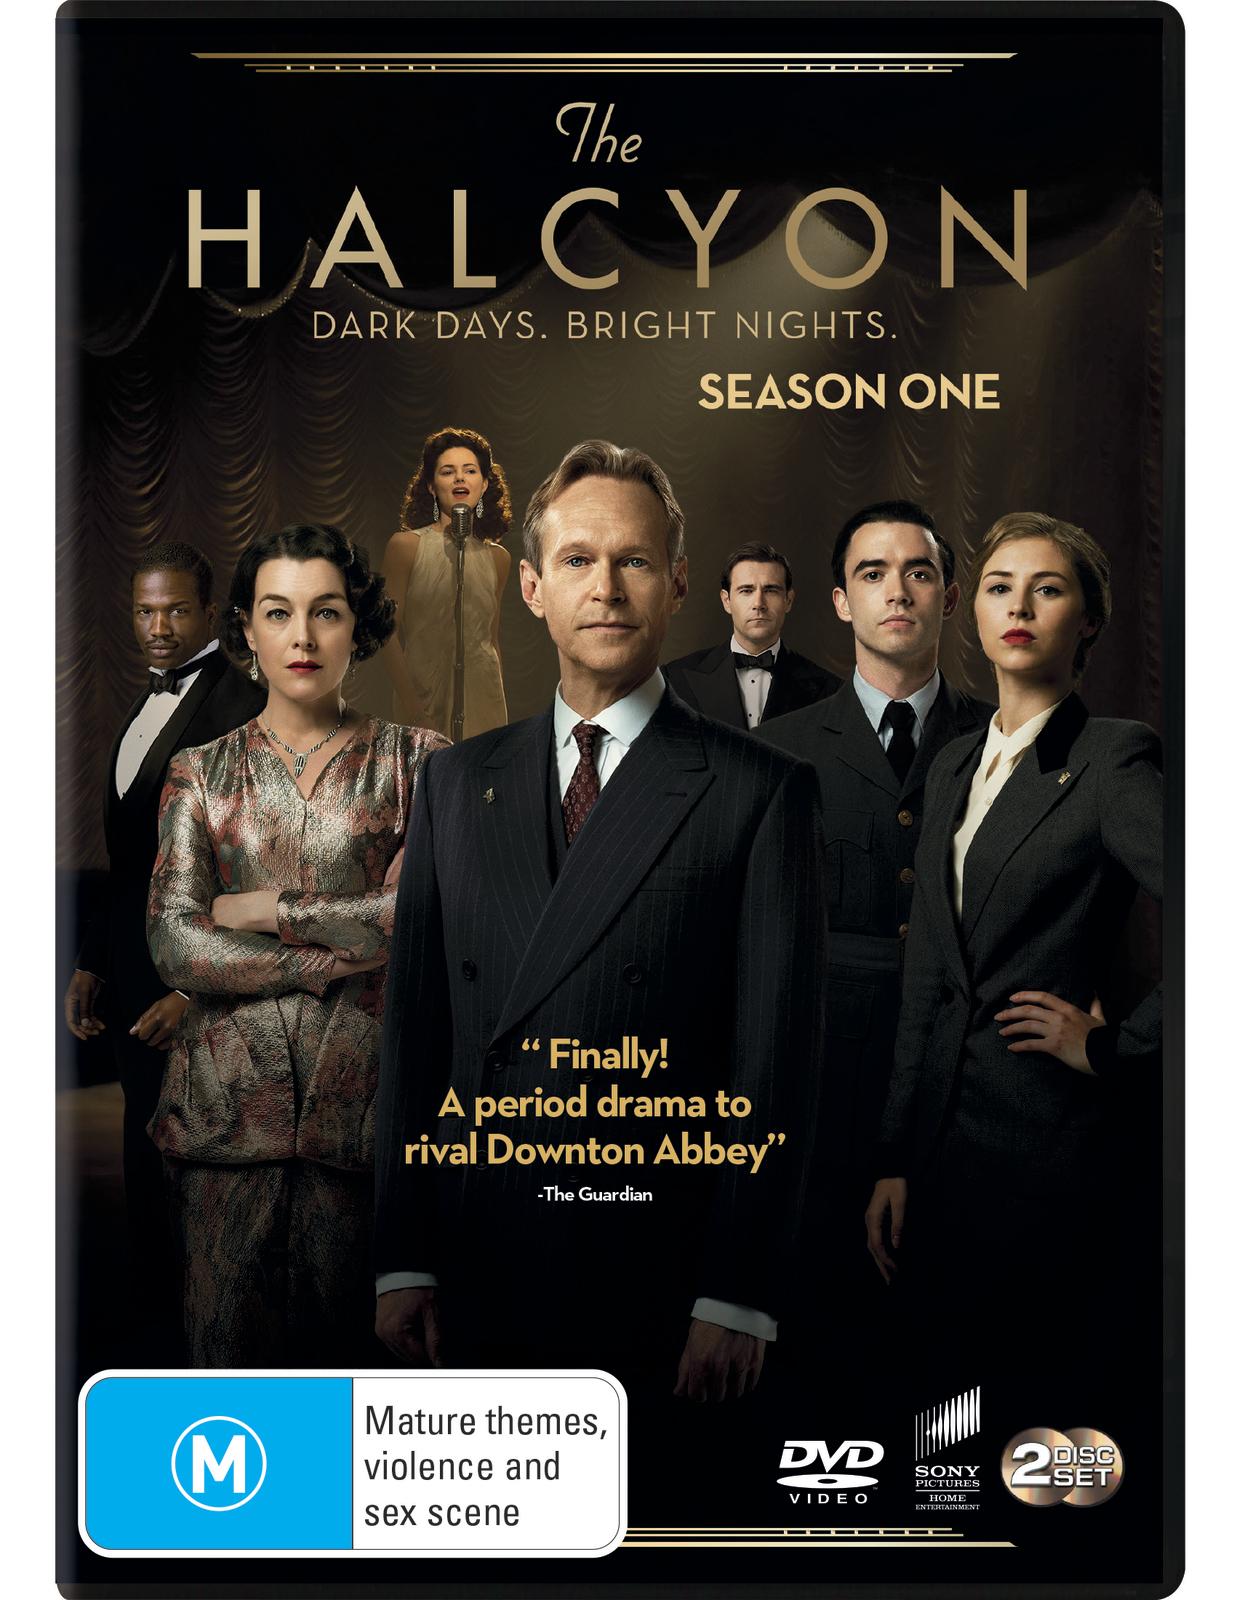 The Halcyon Season 1 on DVD image